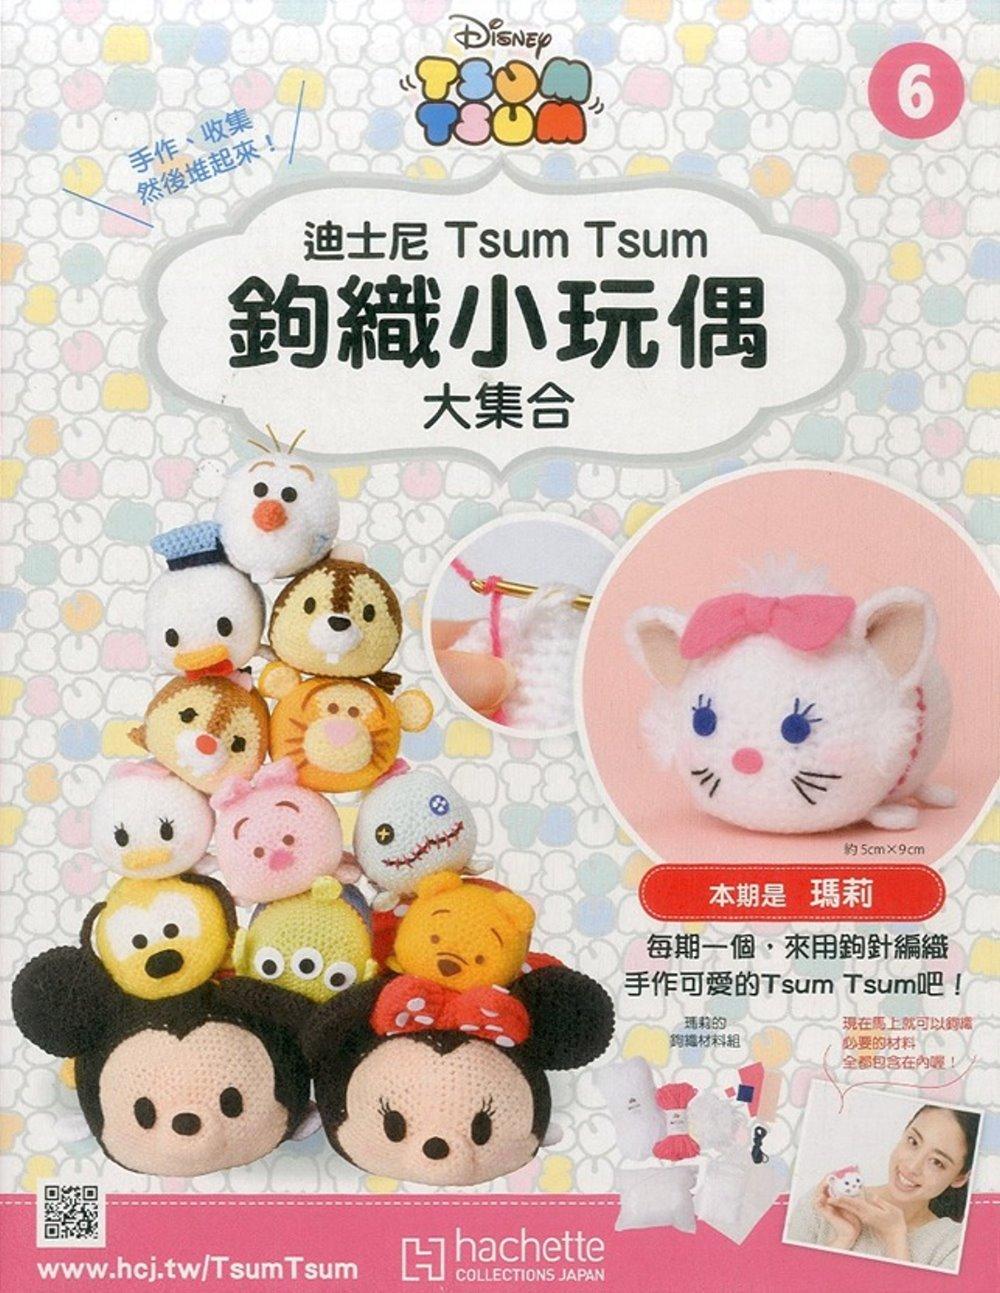 迪士尼TsumTsum 鉤織小玩偶 大集合 2017/11/22第6期